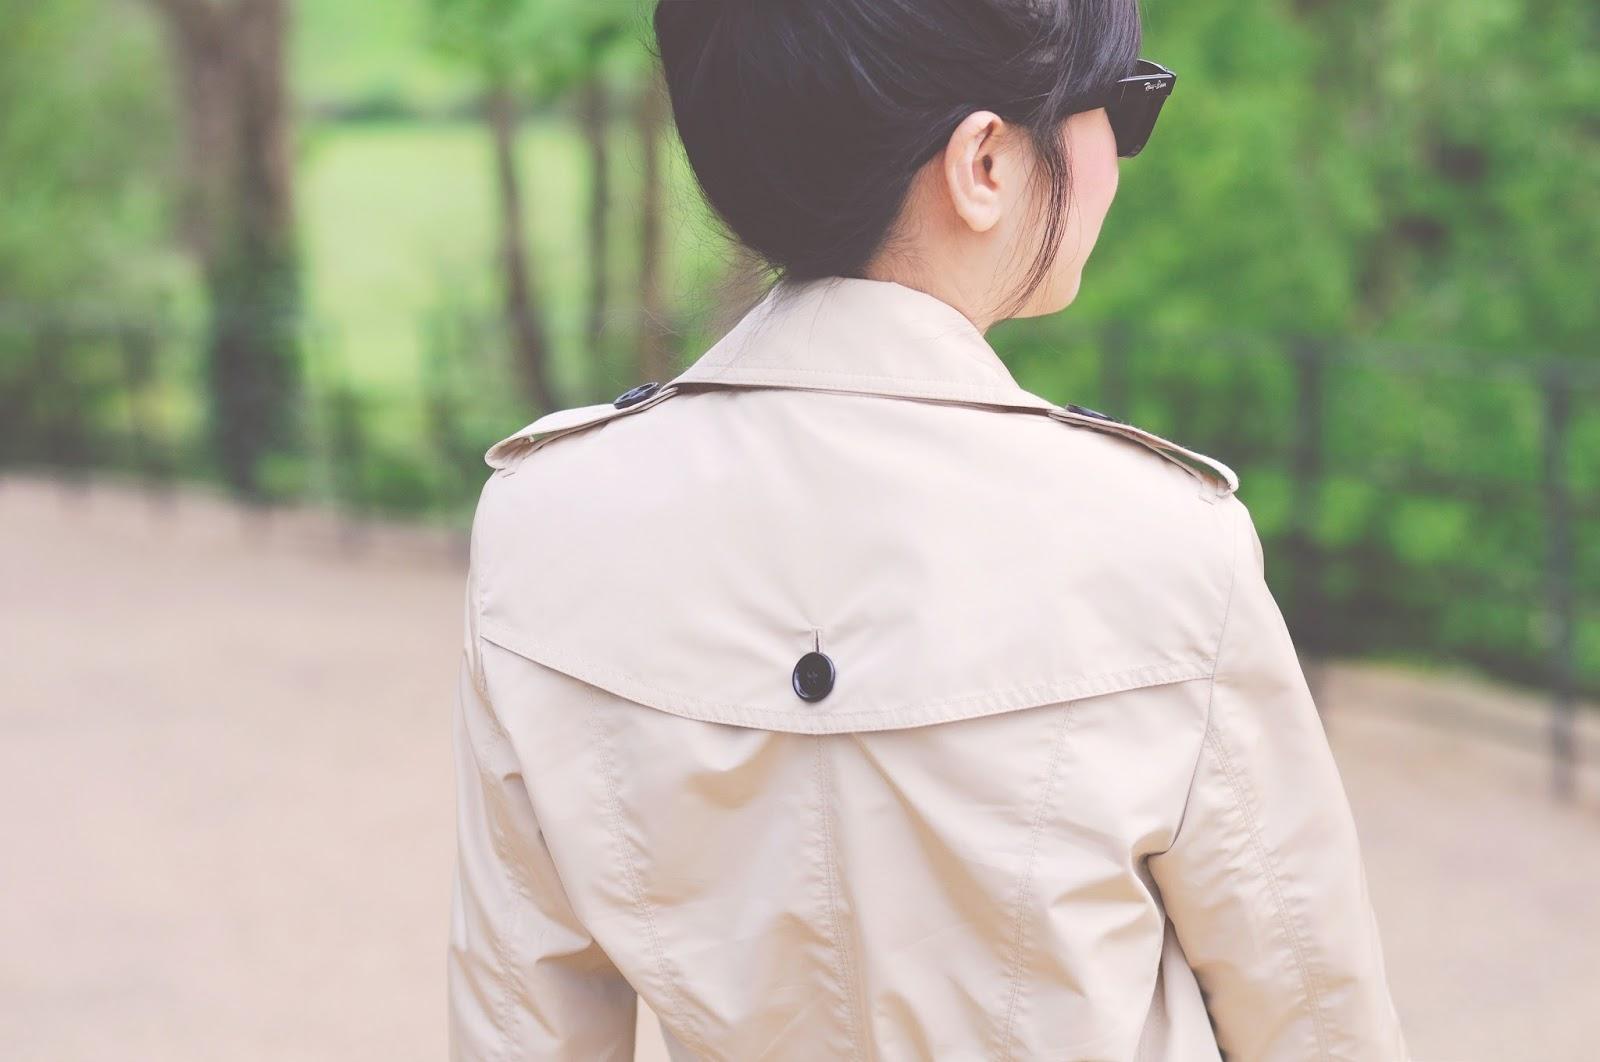 trench coat back details